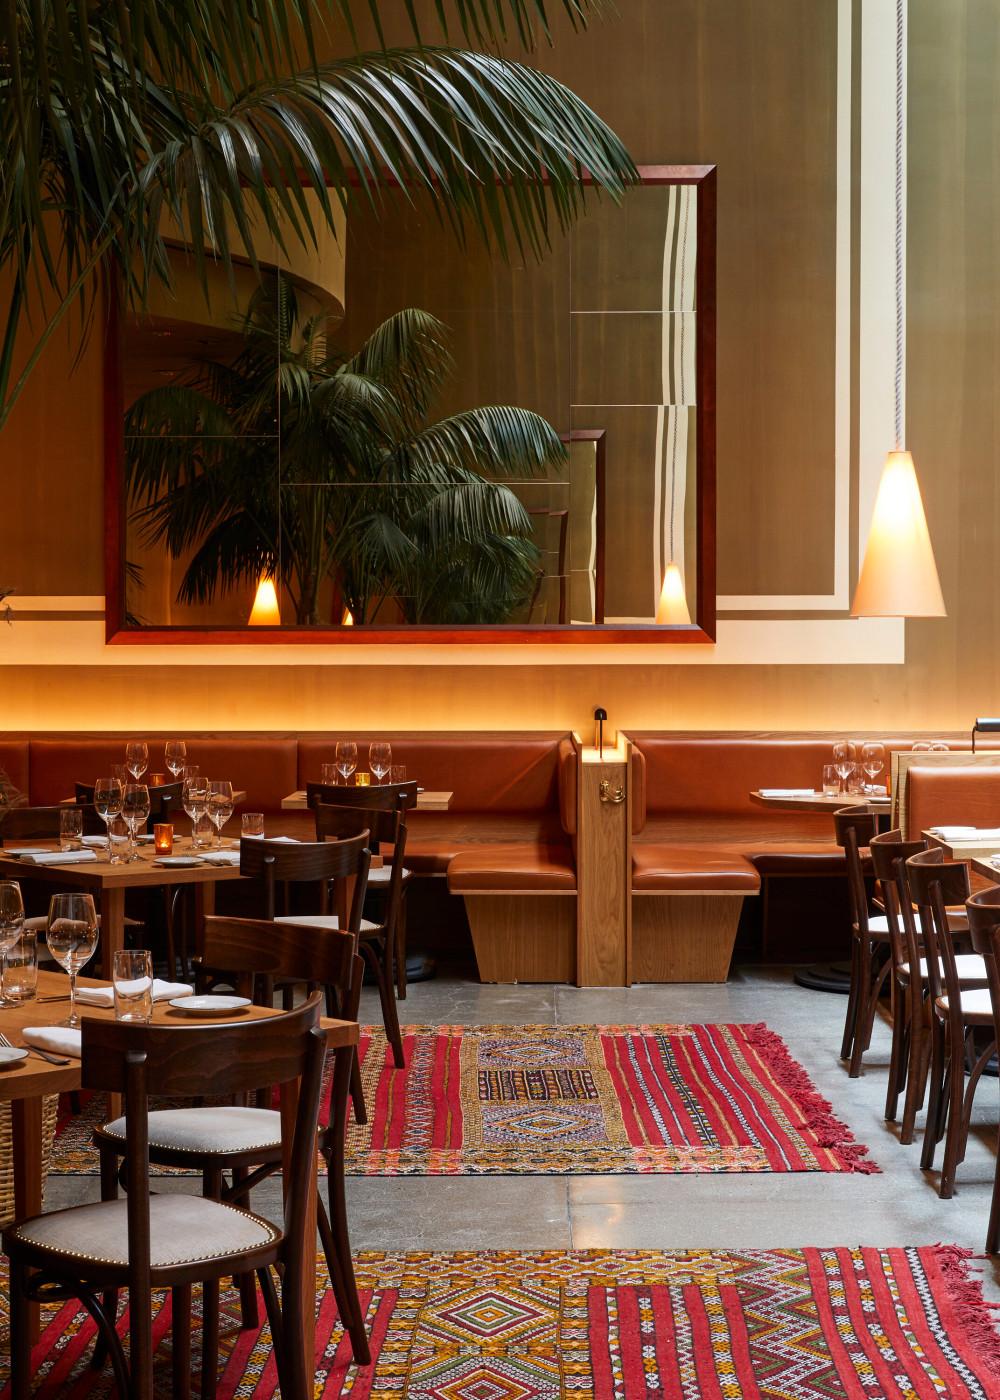 Felcie_Interiors_Dining_Room_018.jpg